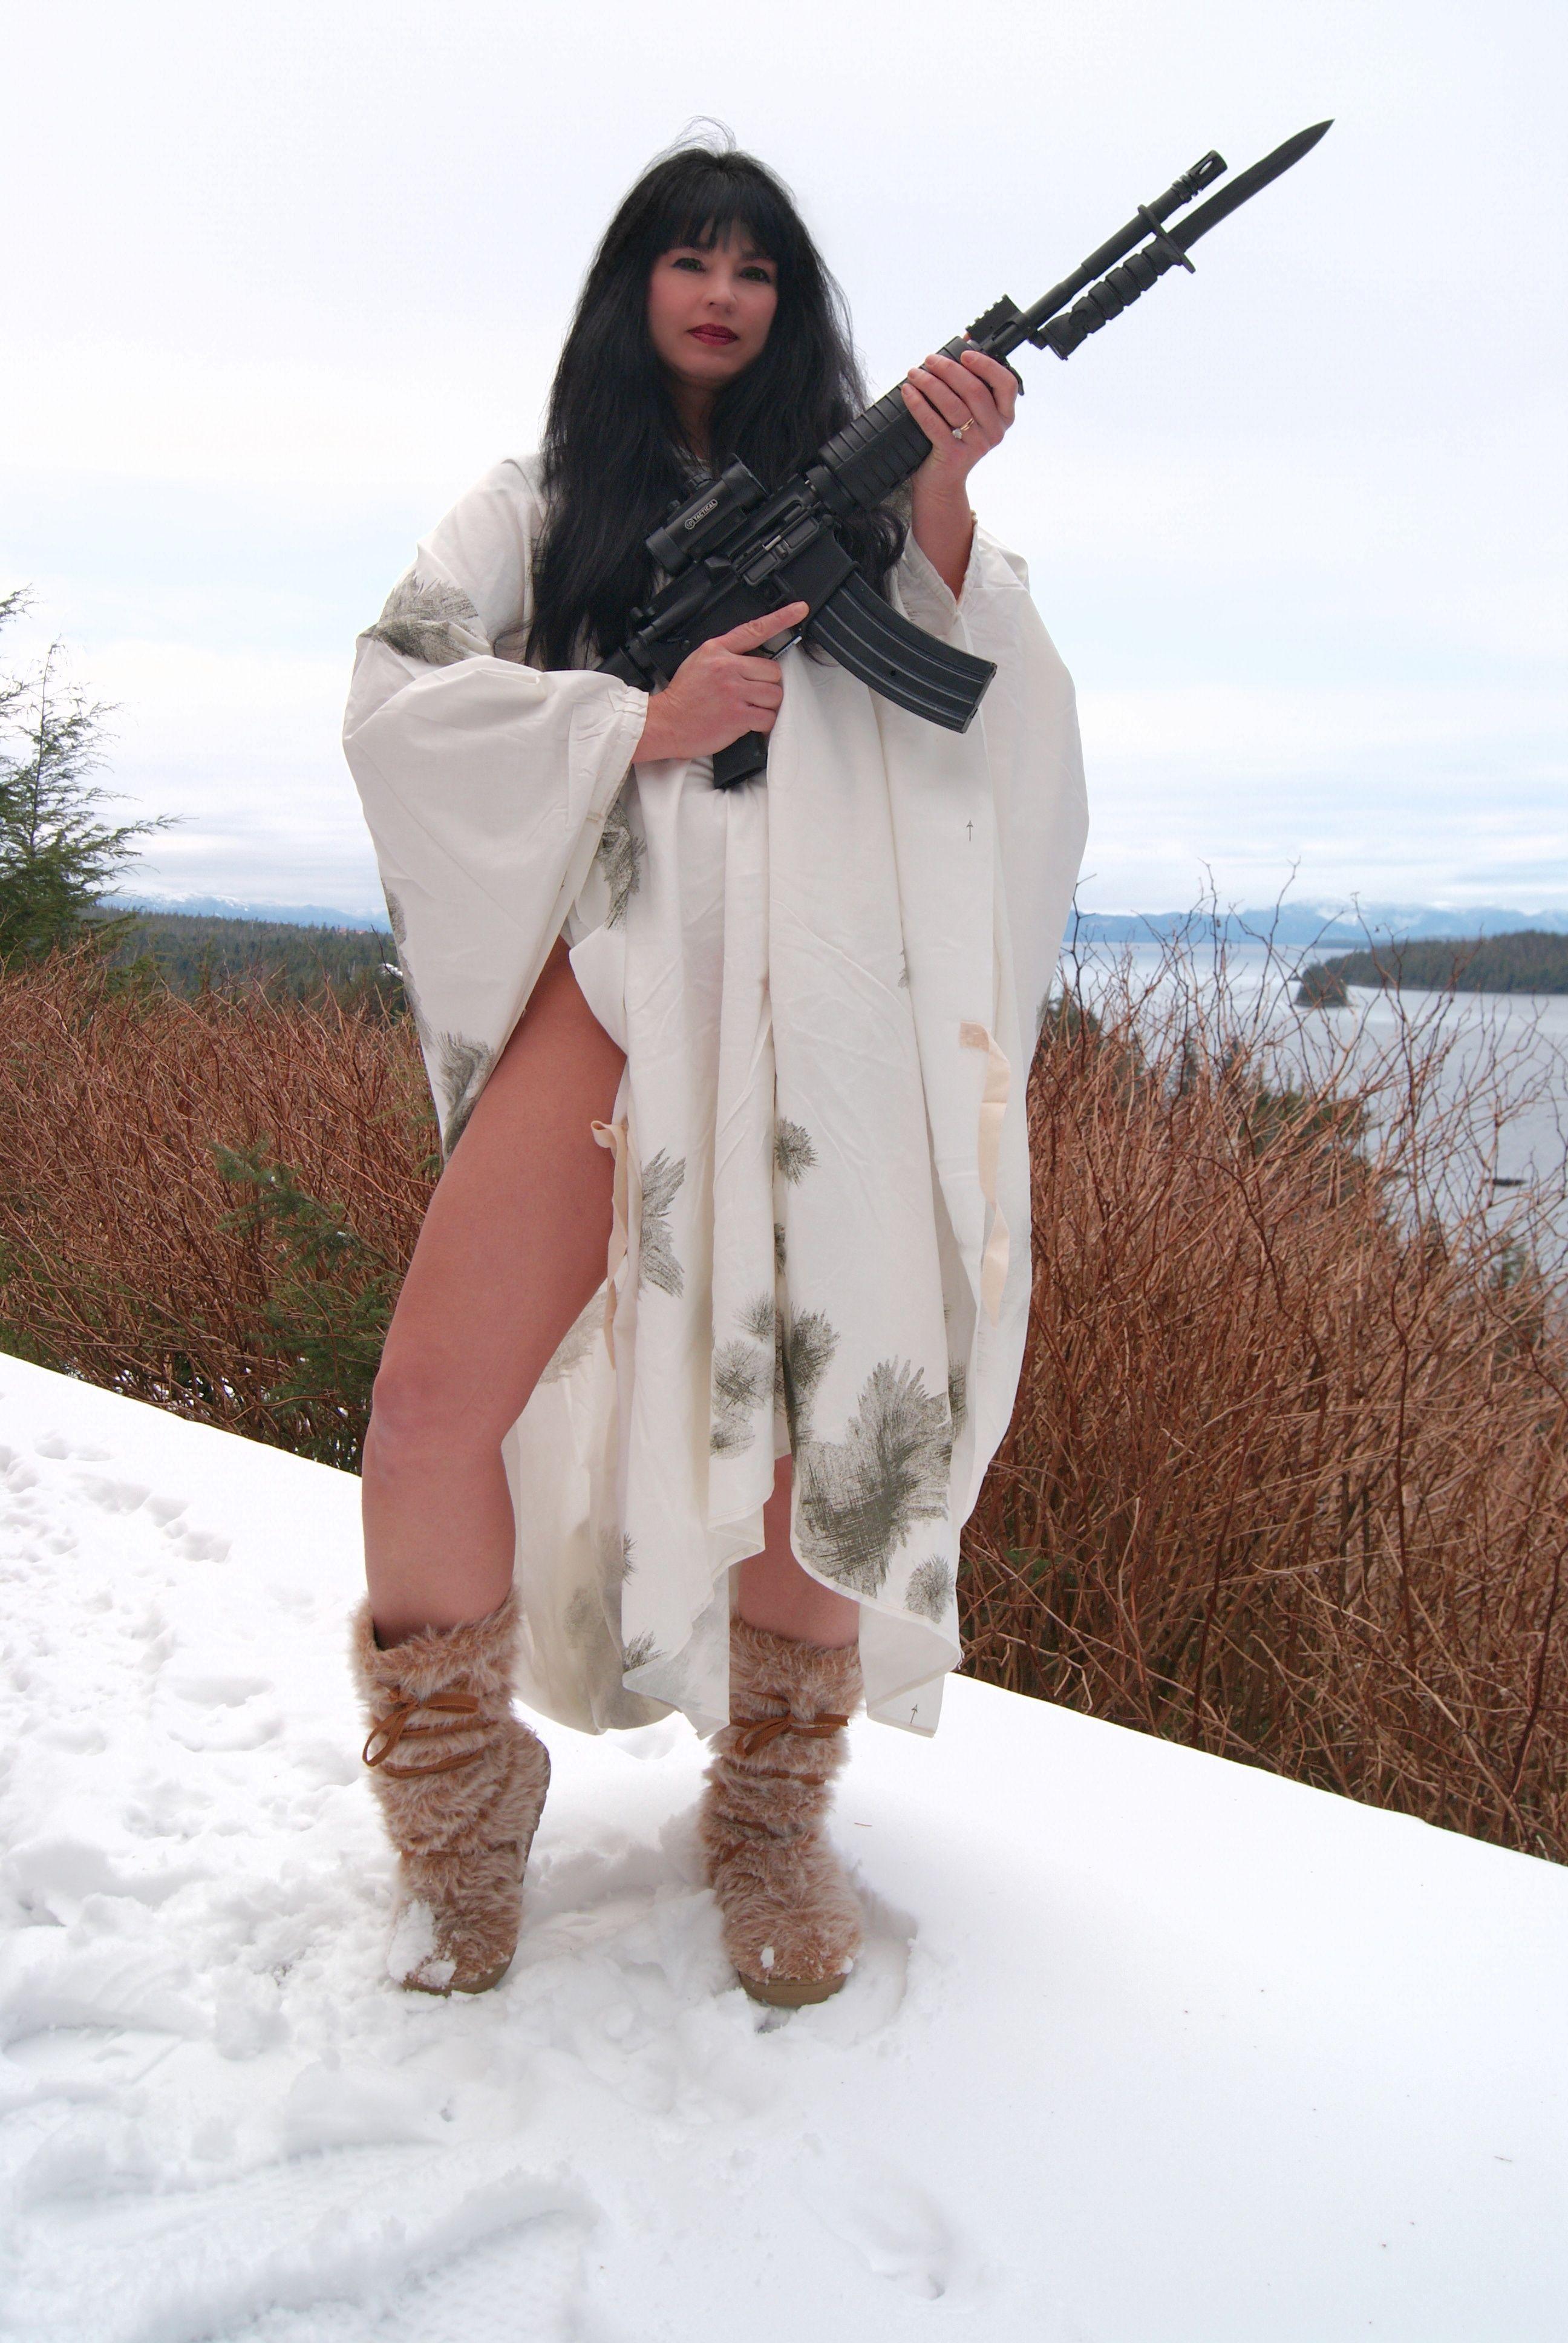 Alaska girl ass galleries 52